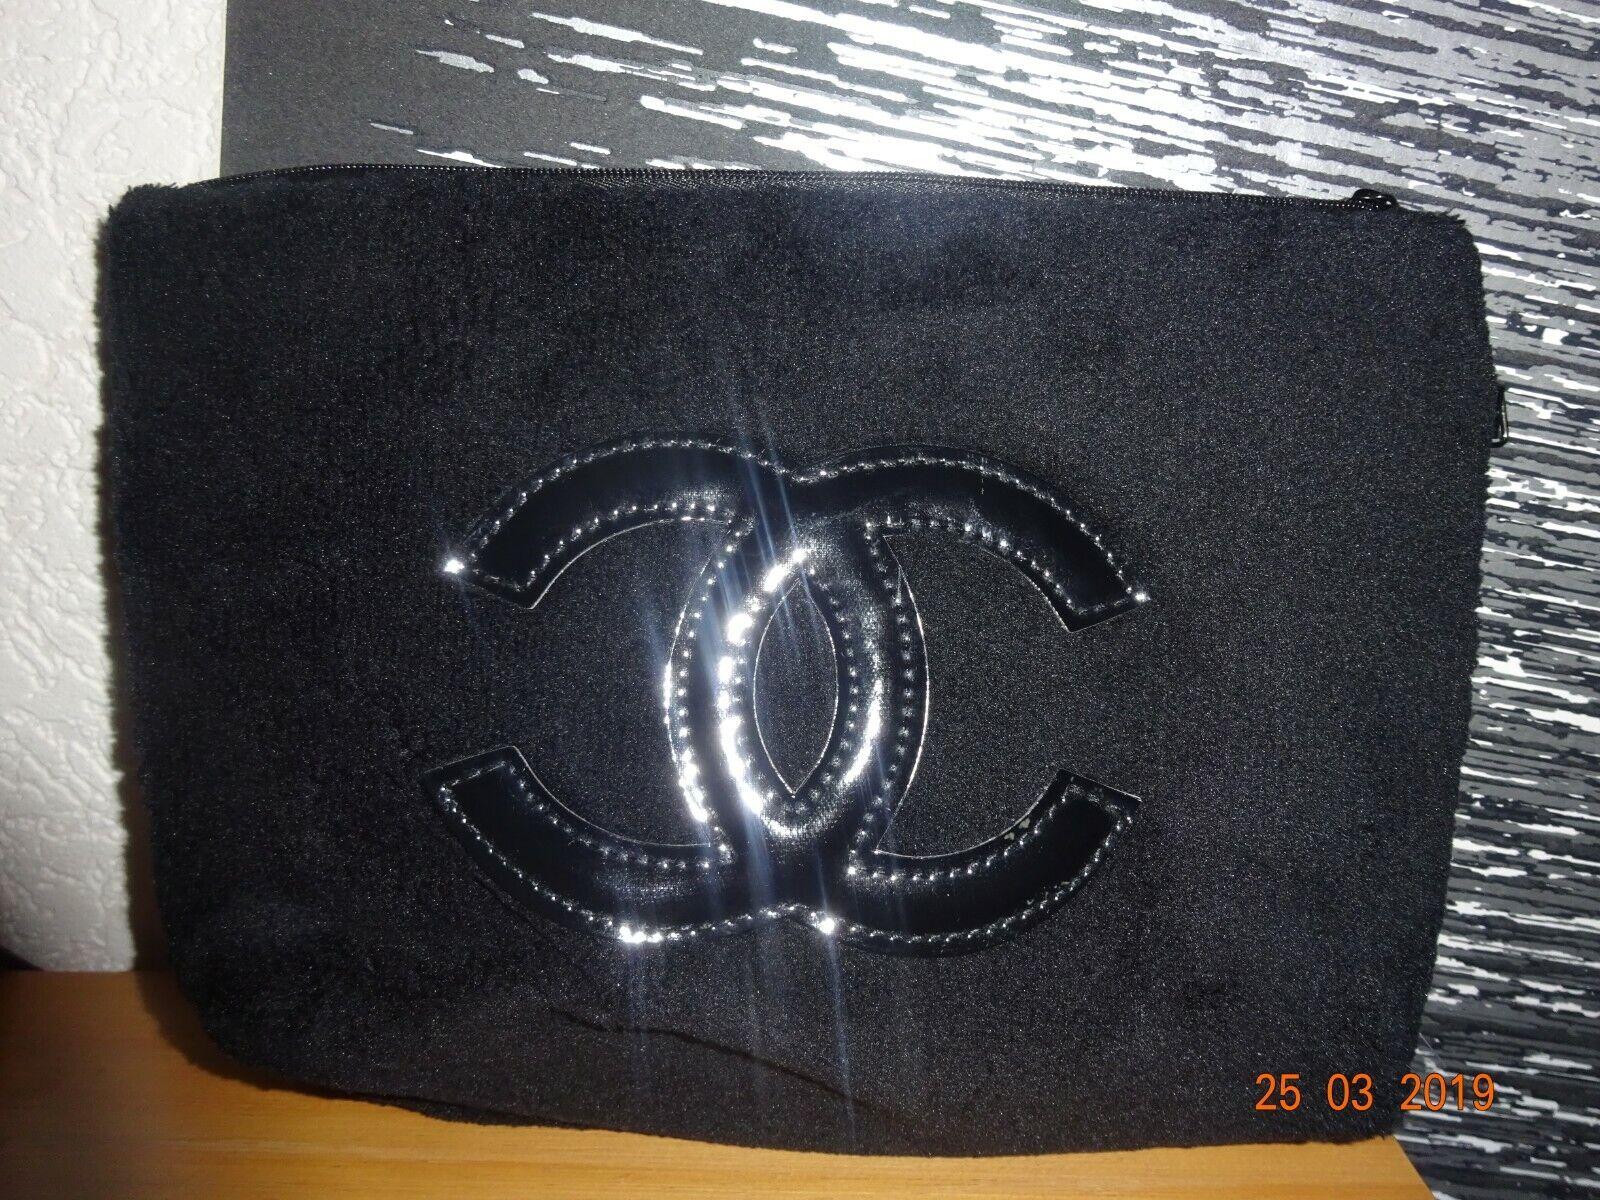 chanel  sac   a main  precision  sac  vip gift  cadeau